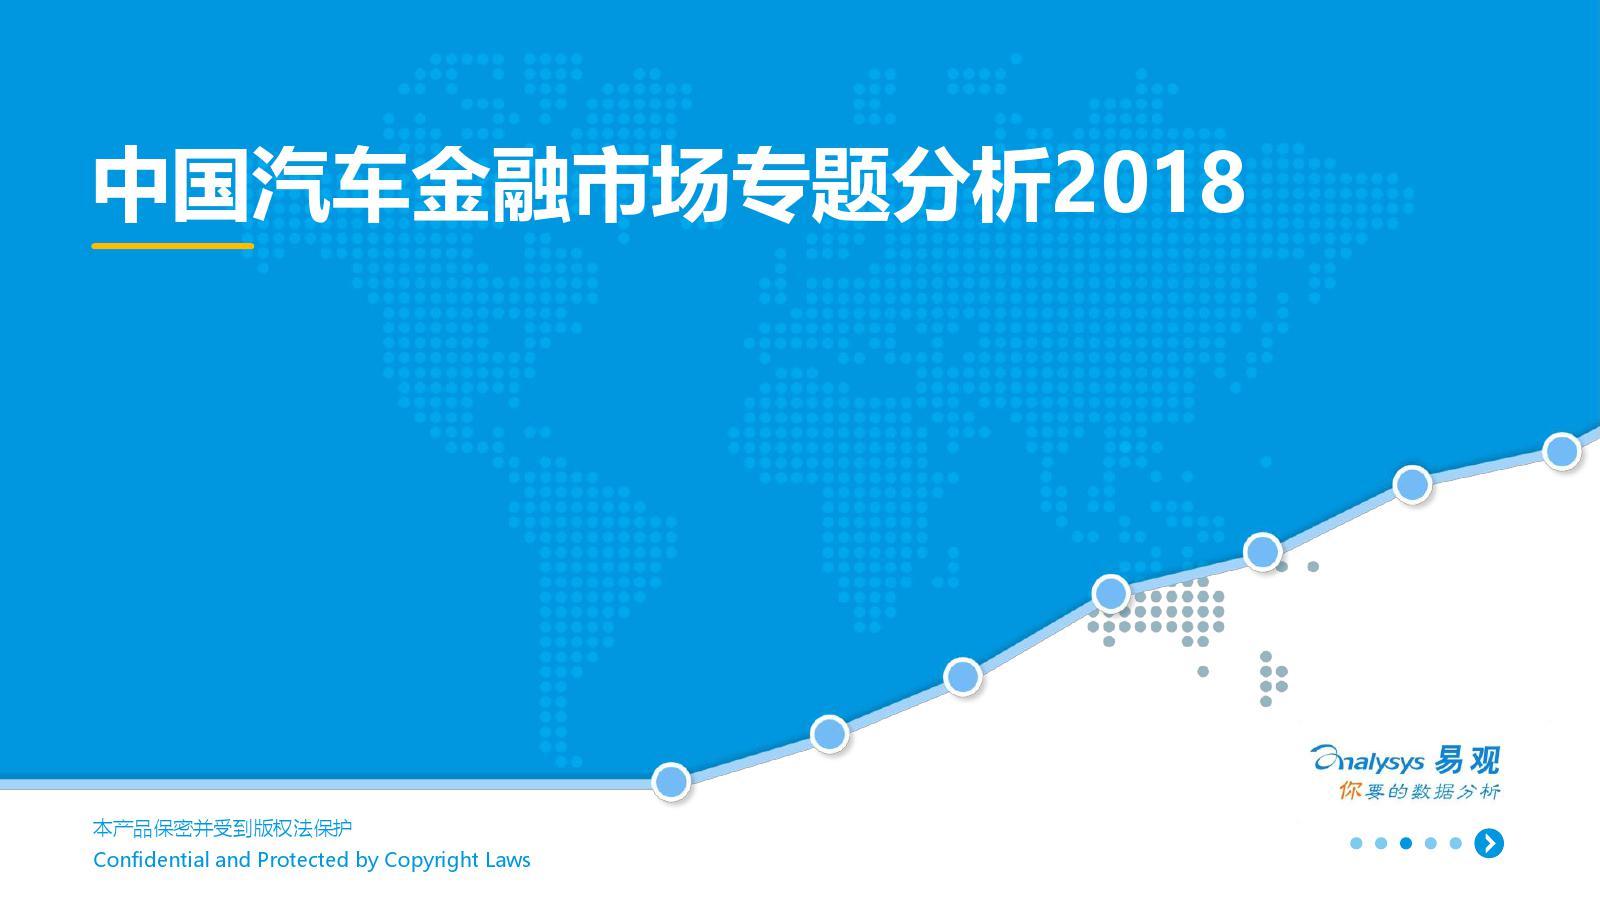 易观:2018中国汽车金融市场专题分析(附下载)